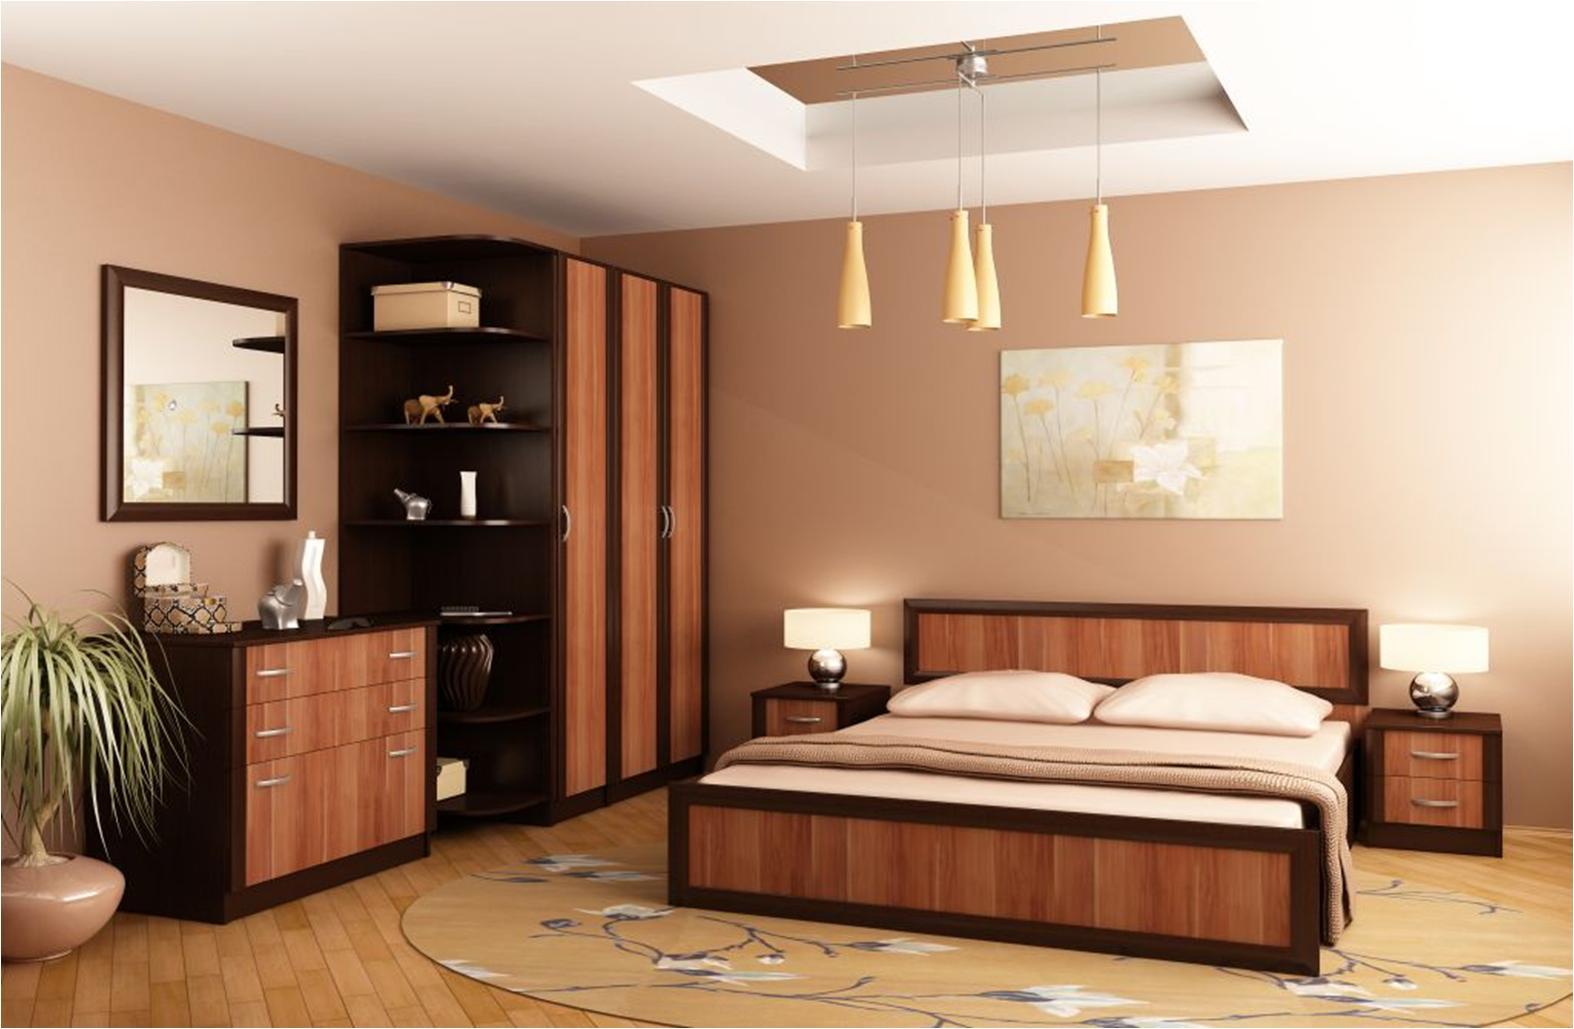 Спальня Валерия-5Спальни<br>Спальня Валерия-5 придется по вкусу тем, кто предпочитает гармоничное сочетание четких линий, лаконичности и функциональности. Для отделки гарнитура использованы рамки из МДФ и декоративные вставки. В набор входят кровать шириной 160 см с невысоким изголовьем, две прикроватные тумбочки, комод и распашной шкаф с угловым открытым стеллажом. В комплекте поставляется матрас, дополнительно можно установить подъемный механизм и ортопедическое основание для кровати.<br>Комплектация: <br>Шкаф 3-х створчатый распашной: 1200х2200х500 <br>Тумба прикроватная (2 шт.): 410х474х380 <br>Угловой элемент: 500х2200х550 <br>Пано с зеркалом: 800х20х600<br>Кровать: 1600х700х1900 <br>Комод: 800х830х420<br>Спальни Валерия в другой комплектации&amp;gt;&amp;gt;<br><br>Материалы: ЛДСП, рамка МДФ<br>Дополнительные опции: Матрас входит в стоимость<br>Примечание: Доставляется в разобранном виде. Ручки пластиковые в цвет мебели!<br>Изготовление и доставка: 8-10 дней<br>Условия доставки: Бесплатная по Москве до подъезда<br>Условие оплаты: Оплата наличными при получении товара<br>Доставка по МО (за пределами МКАД): 30 руб./км<br>Доставка в пределах ТТК: Доставка в центр Москвы осуществляется ночью, с 22.00 до 6.00 утра<br>Подъем на грузовом лифте: 1600 руб.<br>Подъем без лифта: 800 руб./этаж<br>Сборка: 10% от стоимости изделия<br>Гарантия: 12 месяцев<br>Производство: Россия<br>Производитель: Mebelus